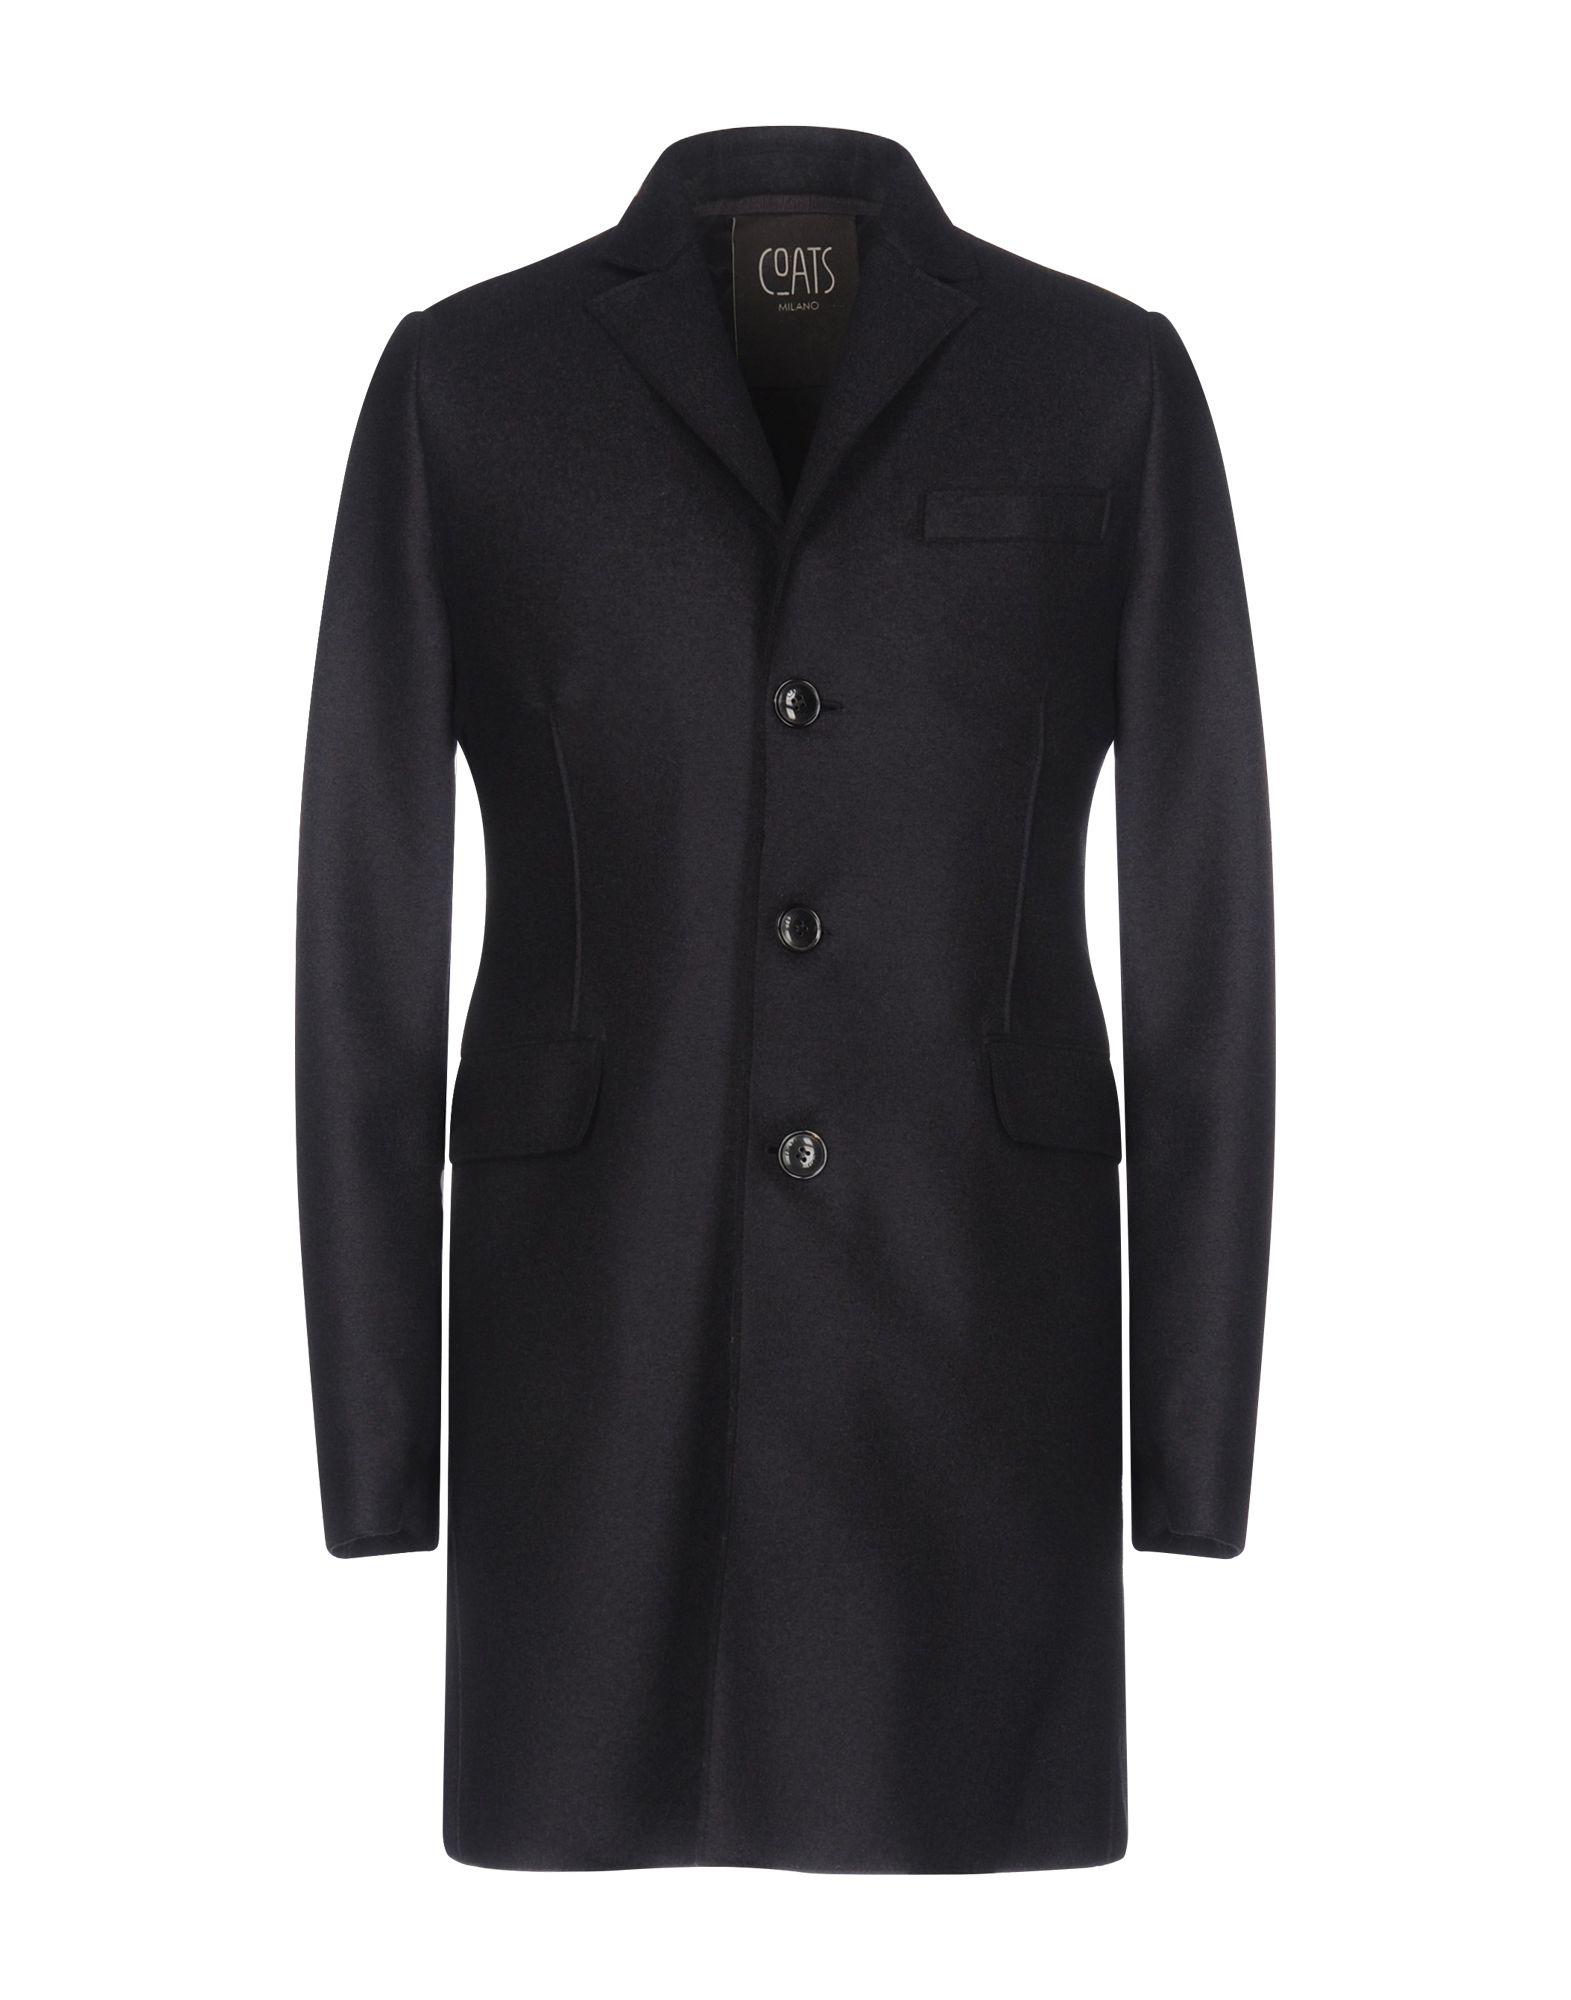 《送料無料》COATS Milano メンズ コート ダークブルー 50 バージンウール 100%